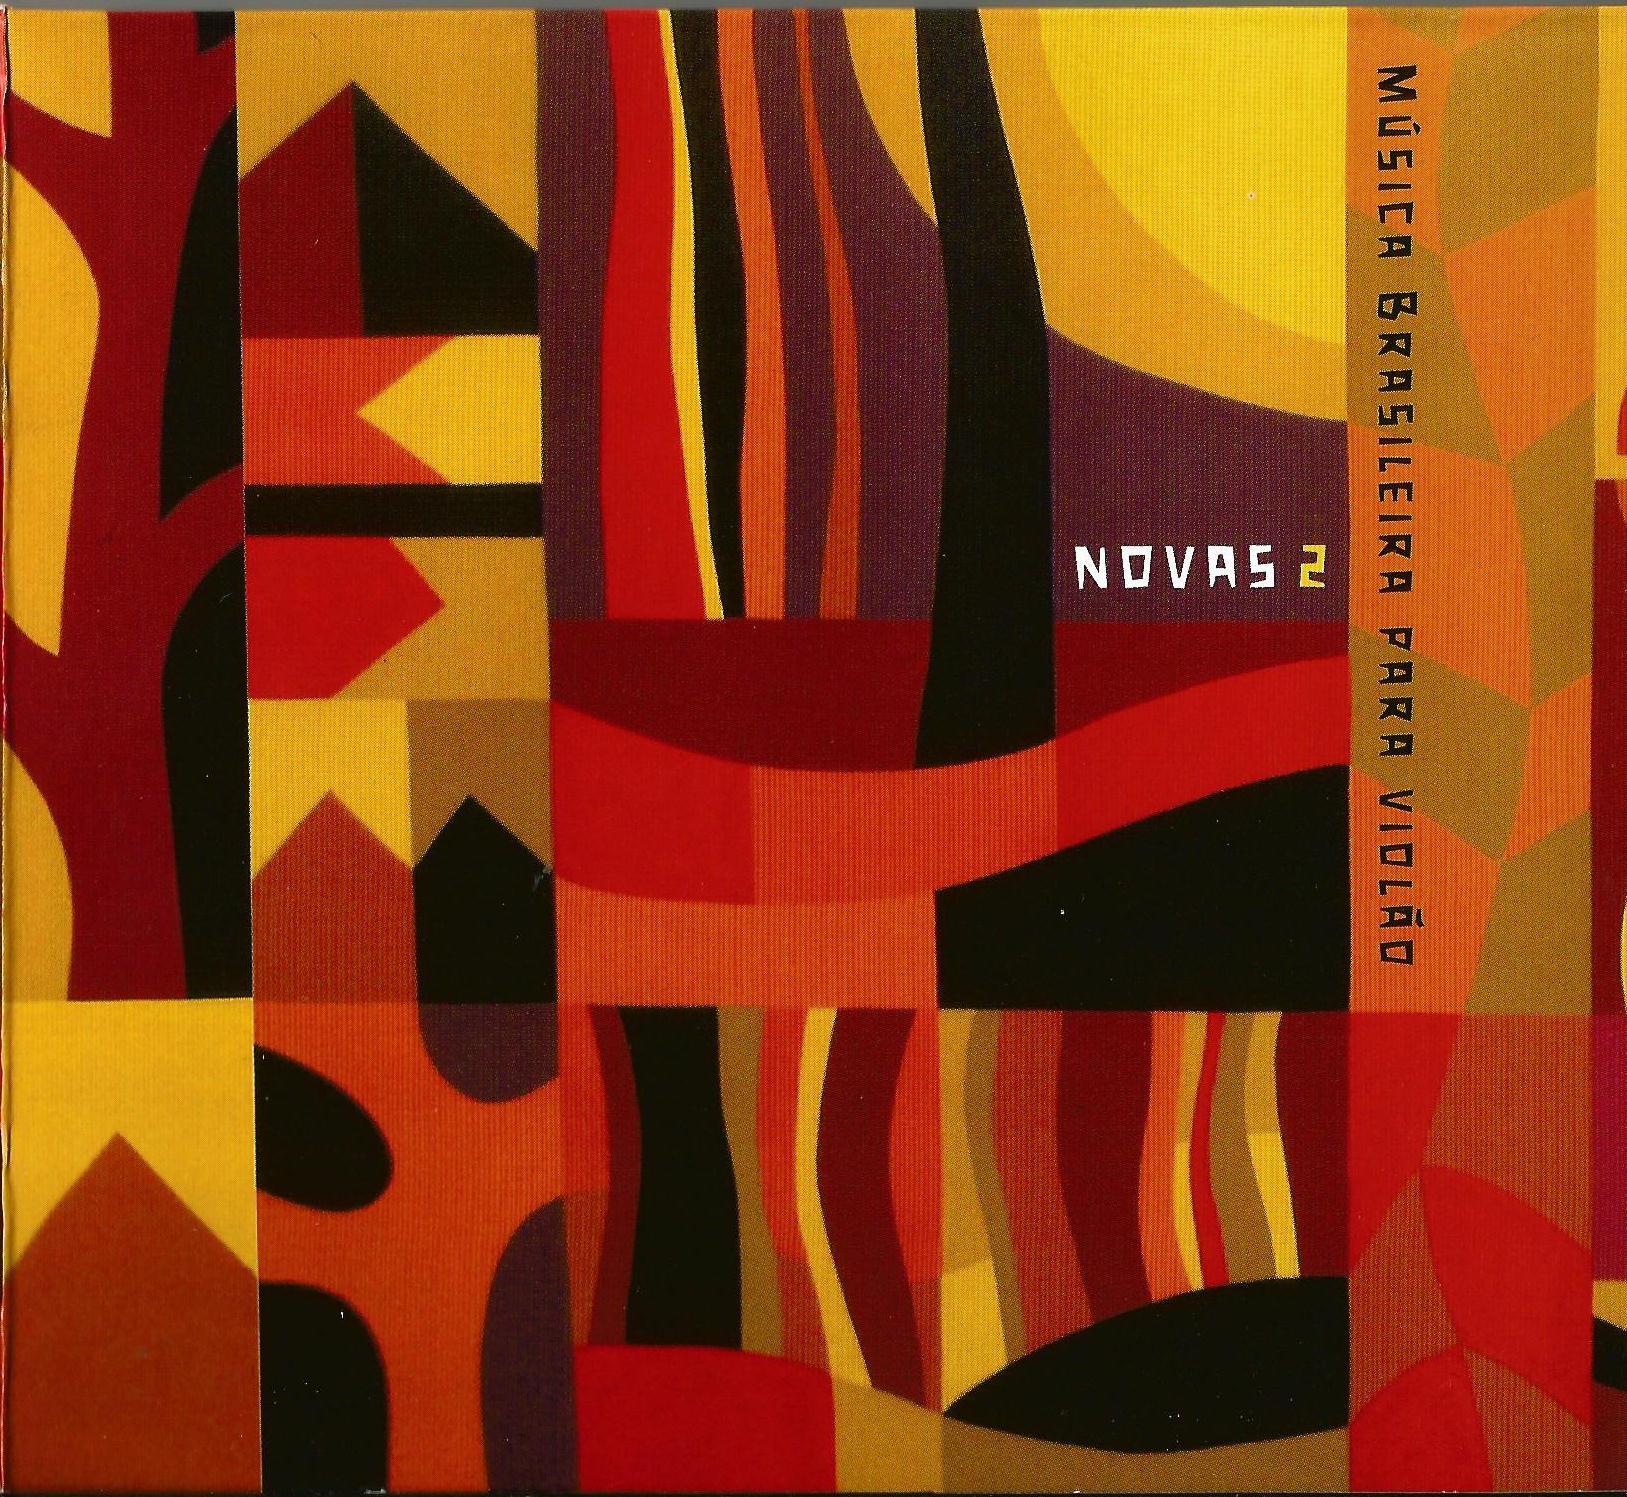 Concurso Novas #2 - Álbum de partituras